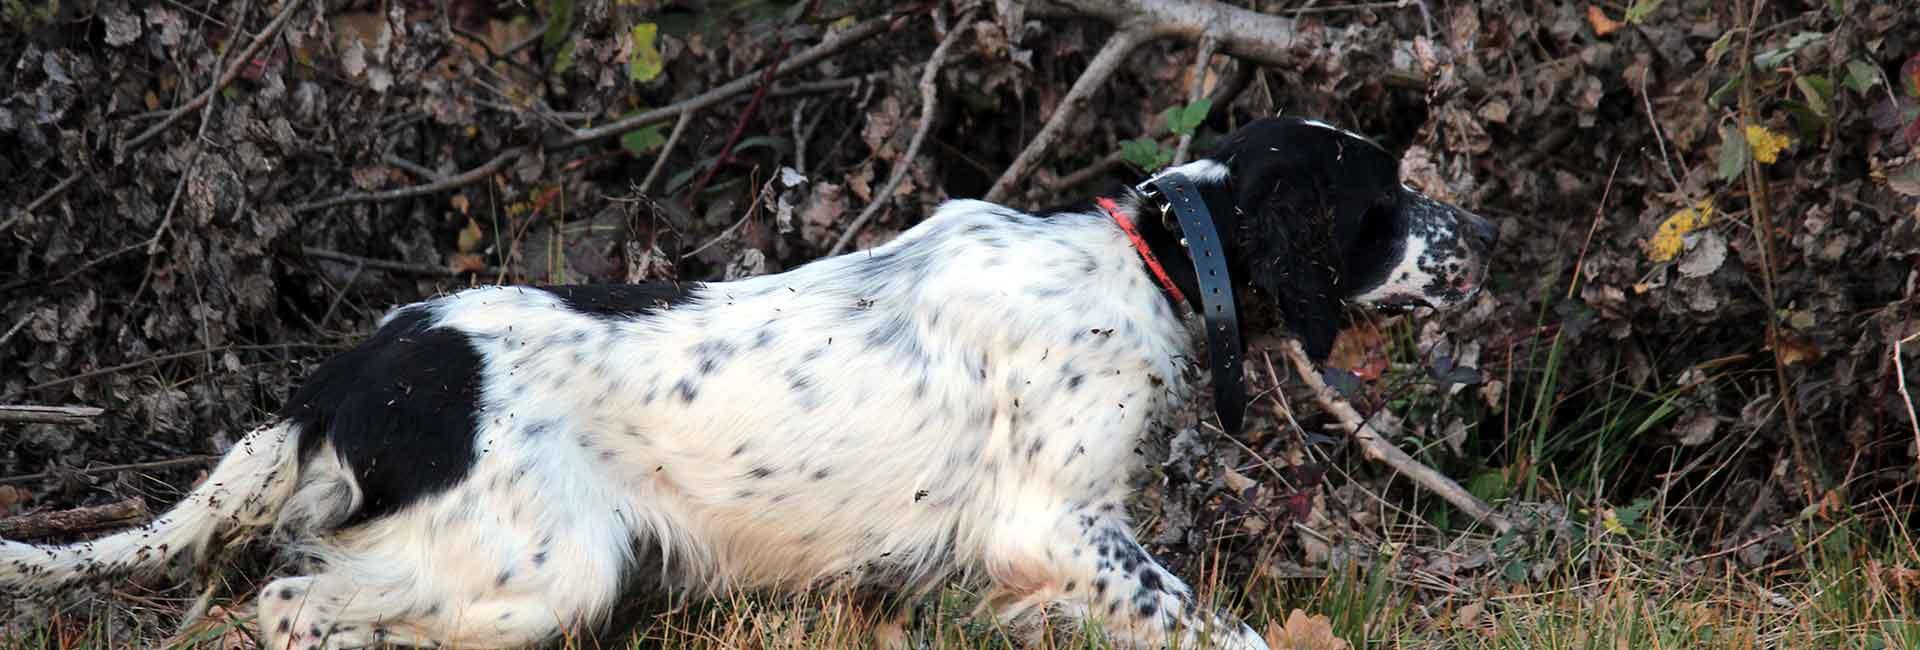 Addestramento cani da caccia